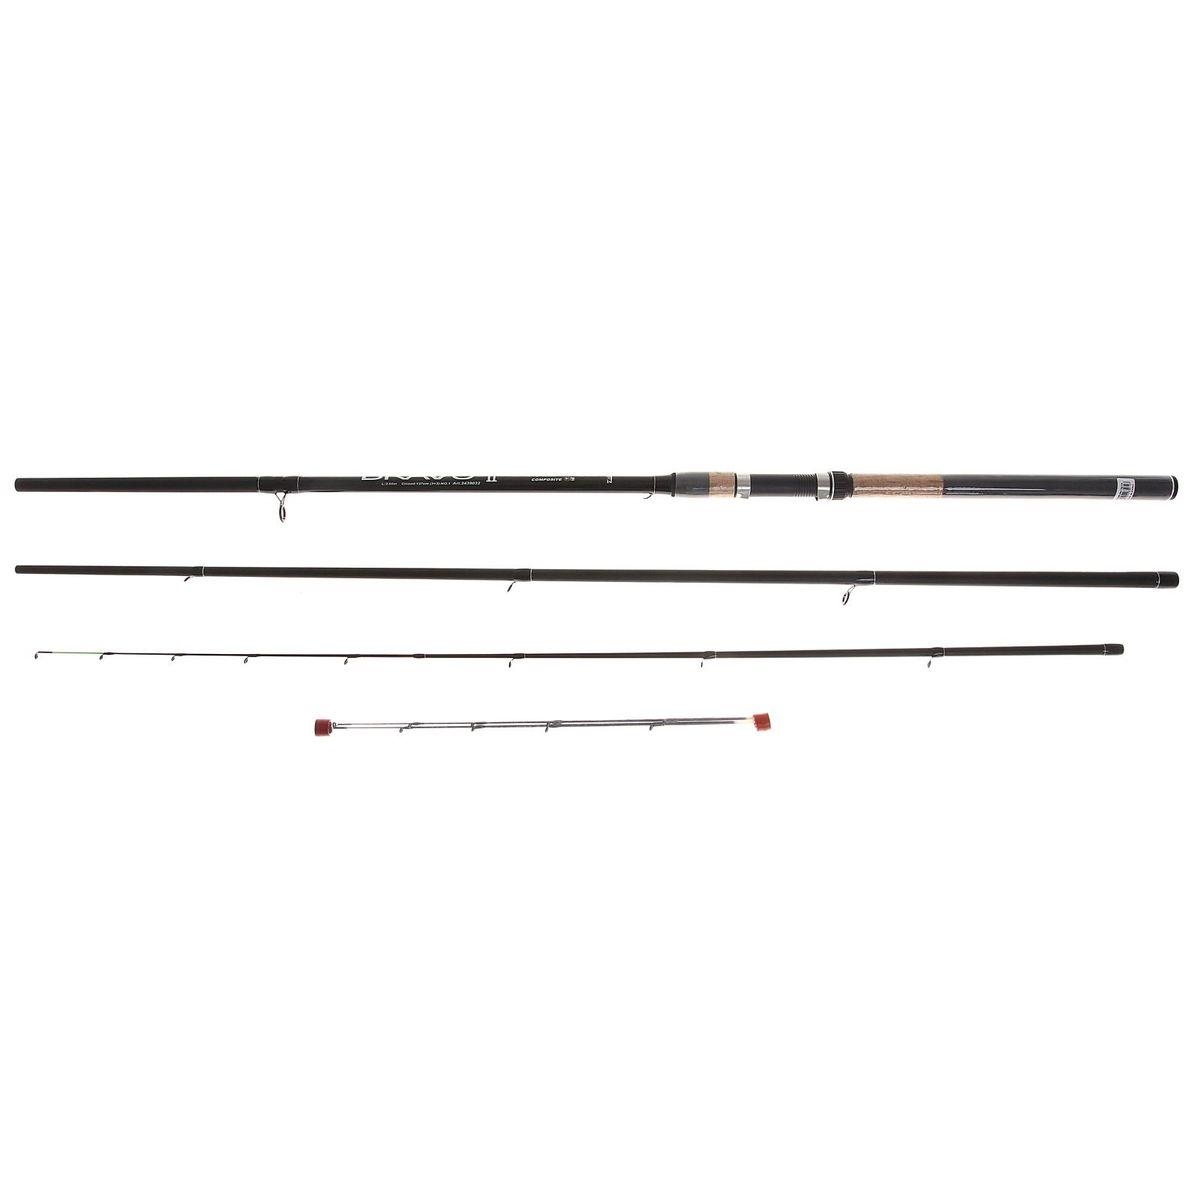 Спиннинг Zhibo Bravo Feeder, 3,6 м1083297Спиннинг ZHIBO Bravo Feeder 3.6м (3+3) 120г 2439032 (D34) Надежный, среднего строя фидер. Рекомендуется для широкого круга рыболовов.